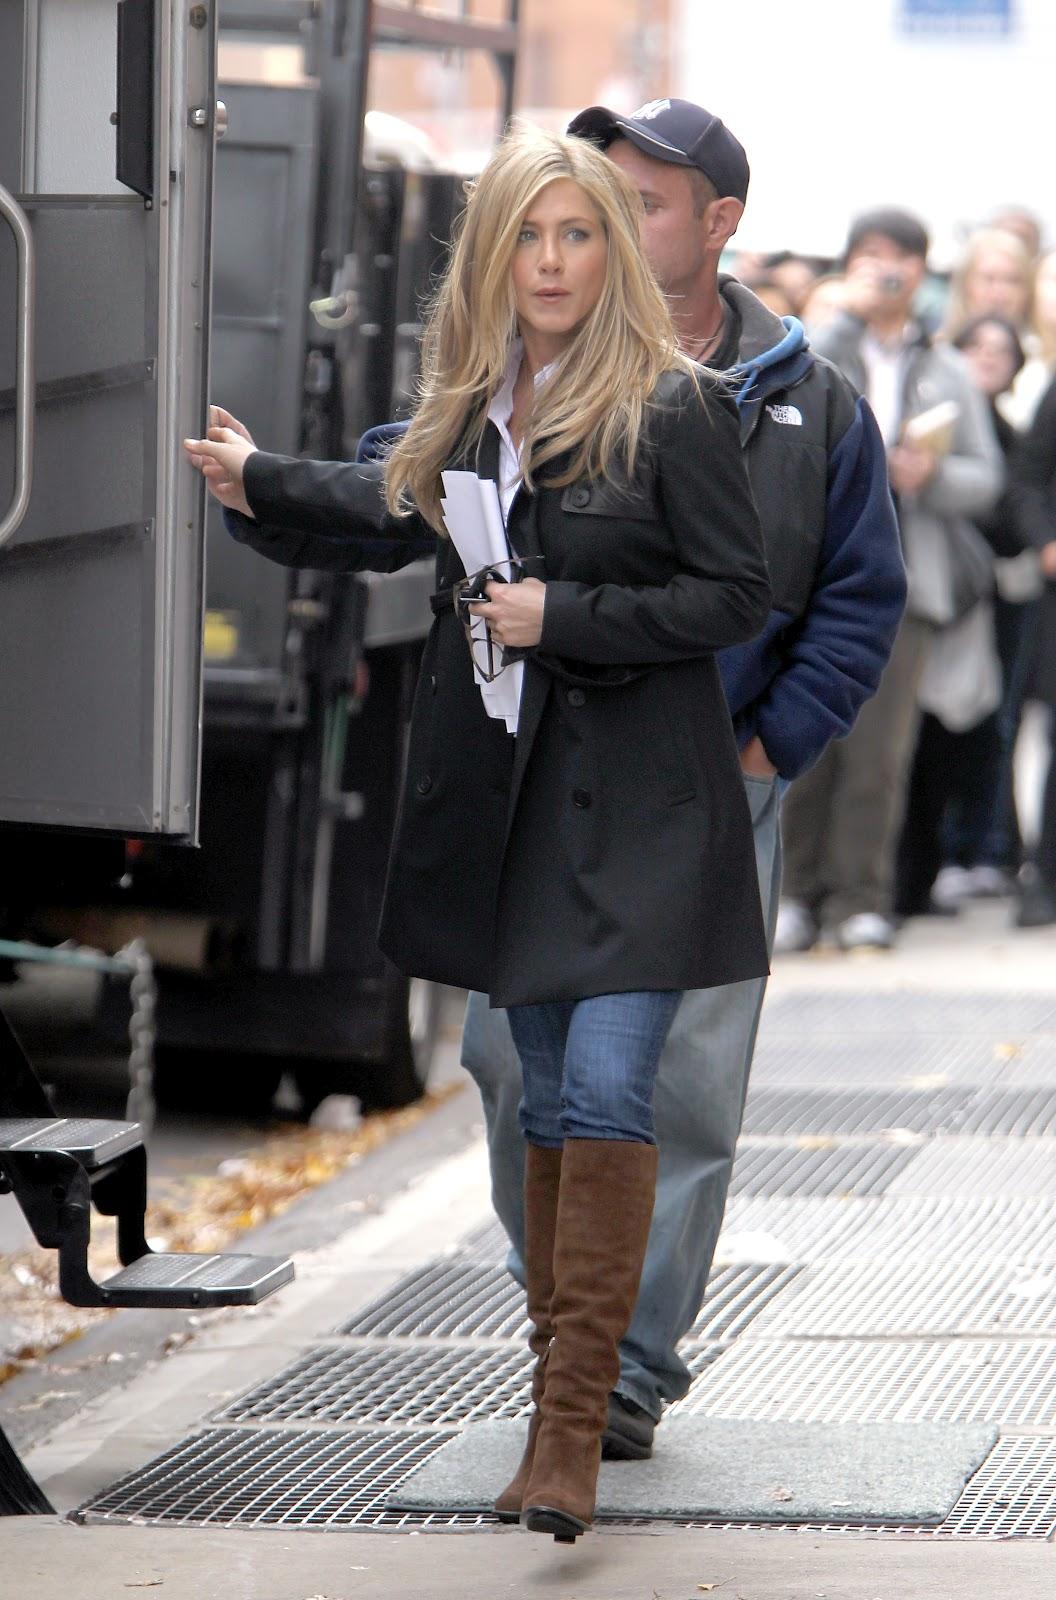 http://4.bp.blogspot.com/-2iIlqHQHYjI/T_PPMGMtljI/AAAAAAAABbQ/LbLiVOrCAyc/s1600/Aniston+Brown+Suede+boots3.jpg